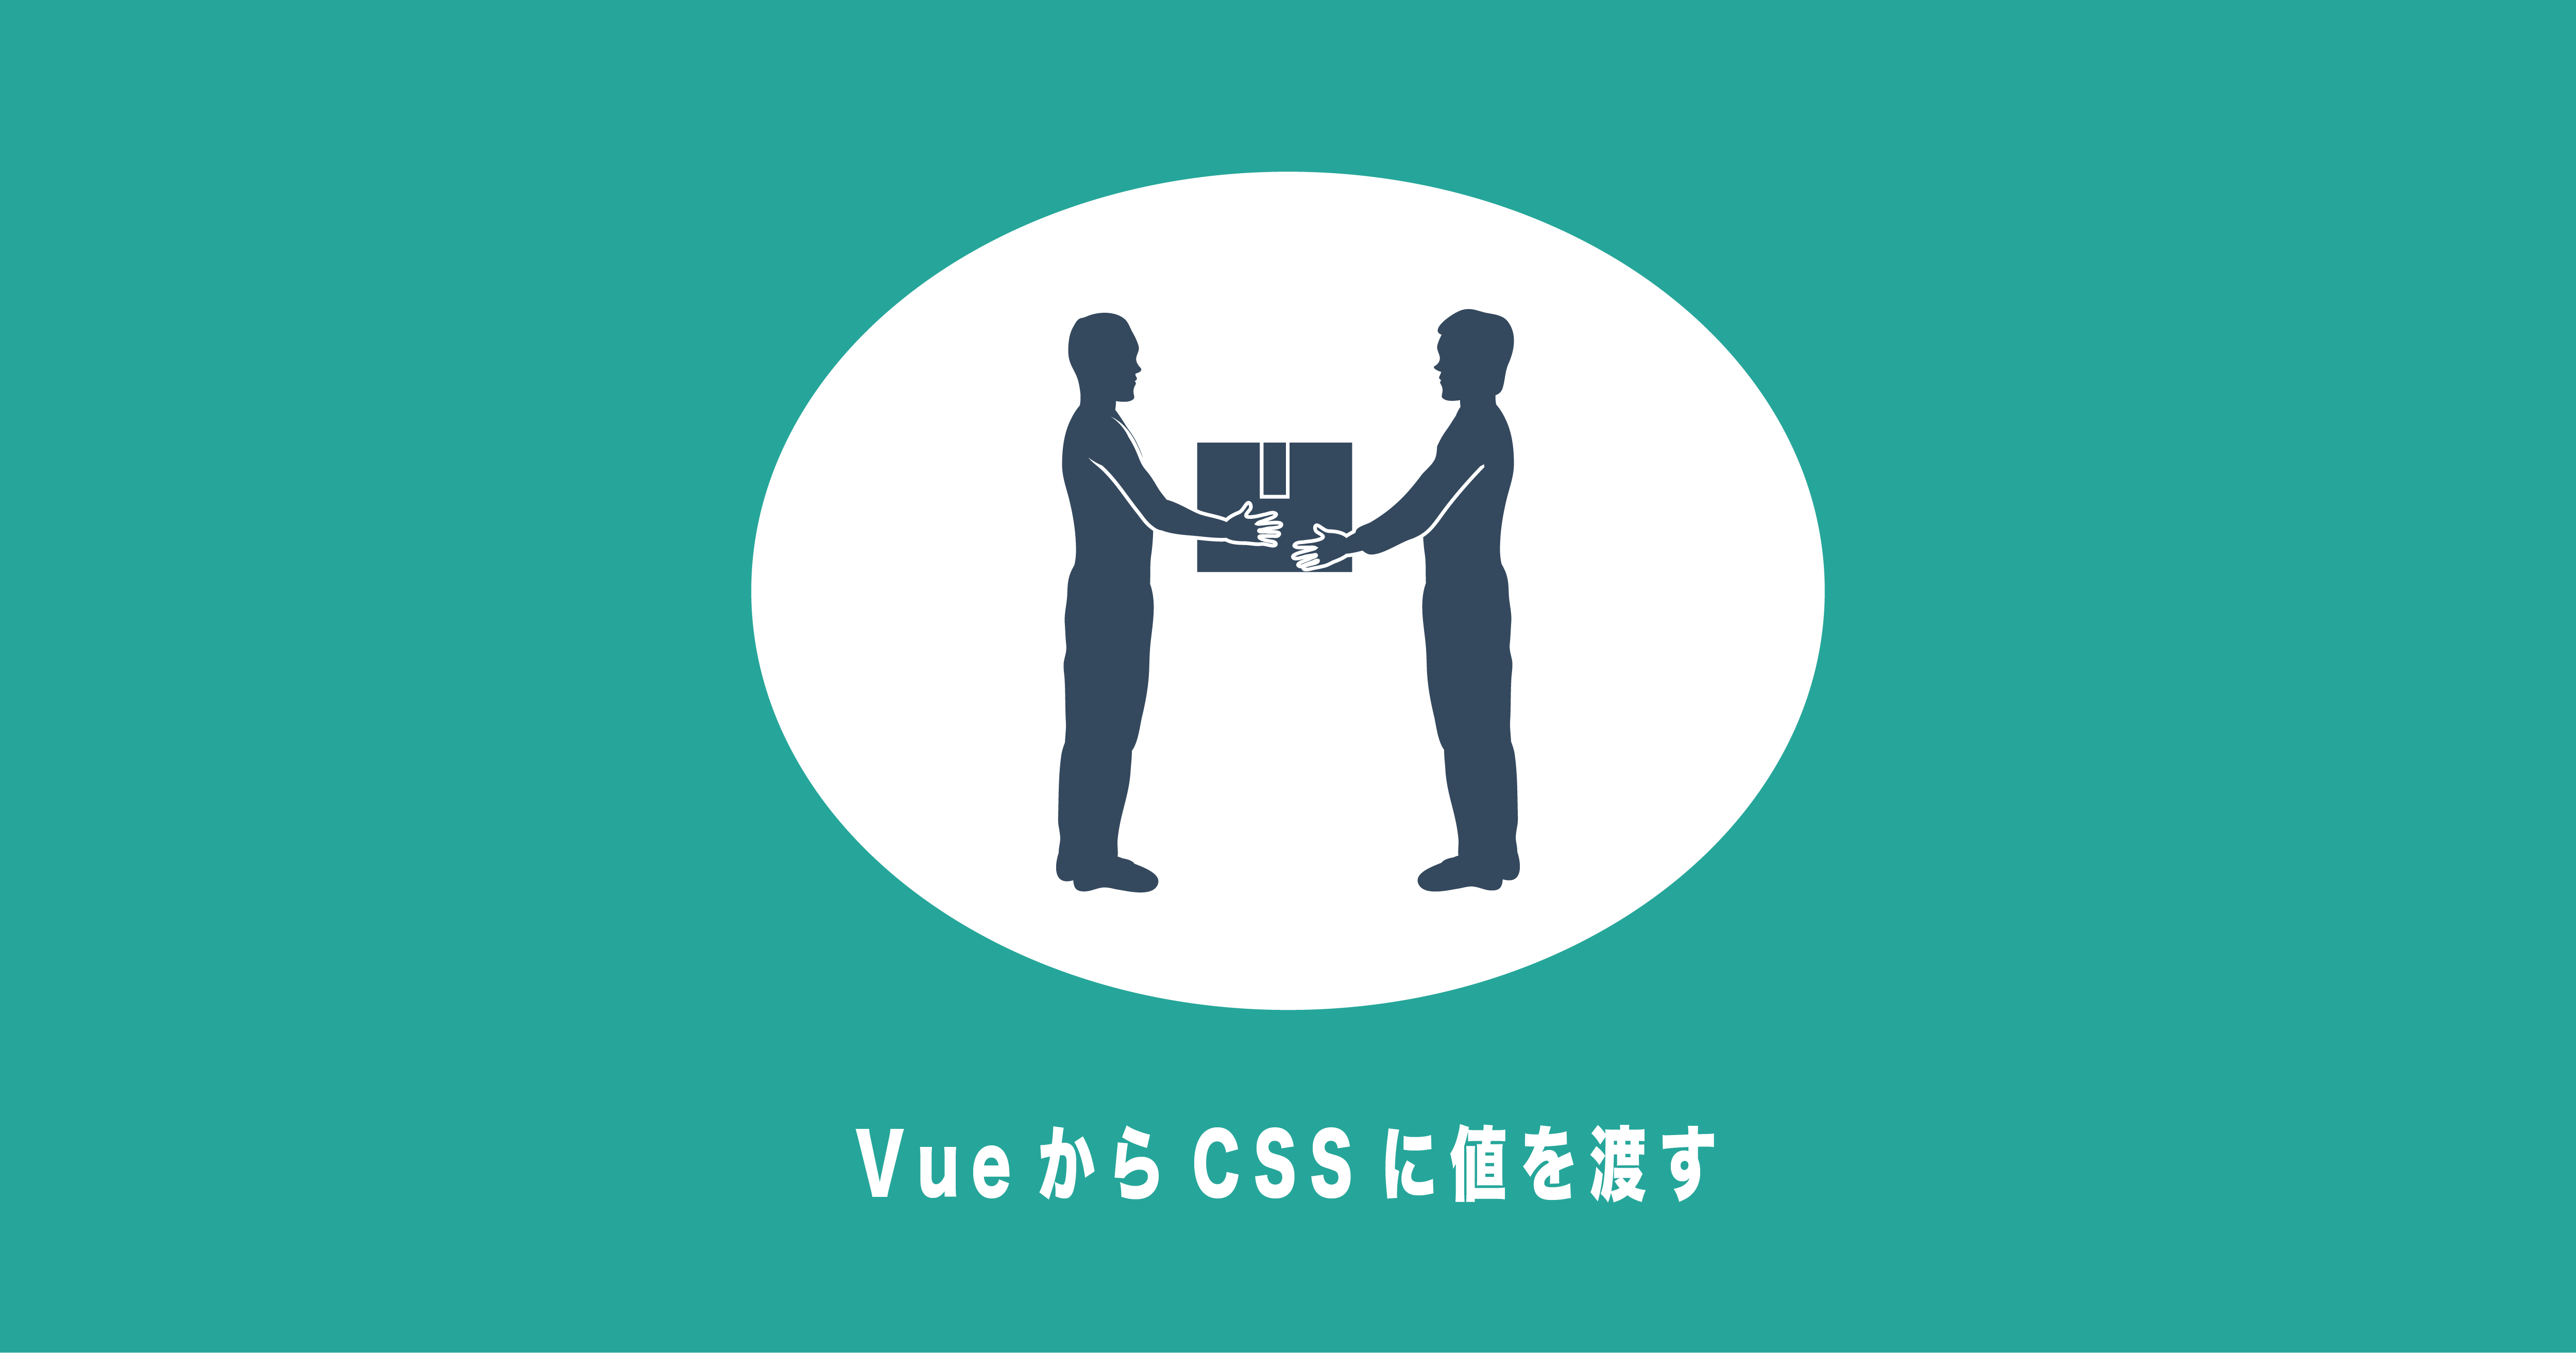 VueからCSSに値を渡す